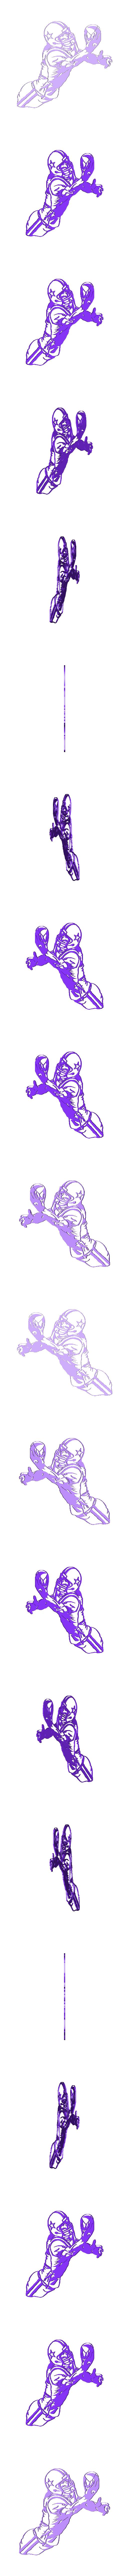 AFPlayer1.stl Descargar archivo STL American football reciver • Modelo para imprimir en 3D, miguelonmex